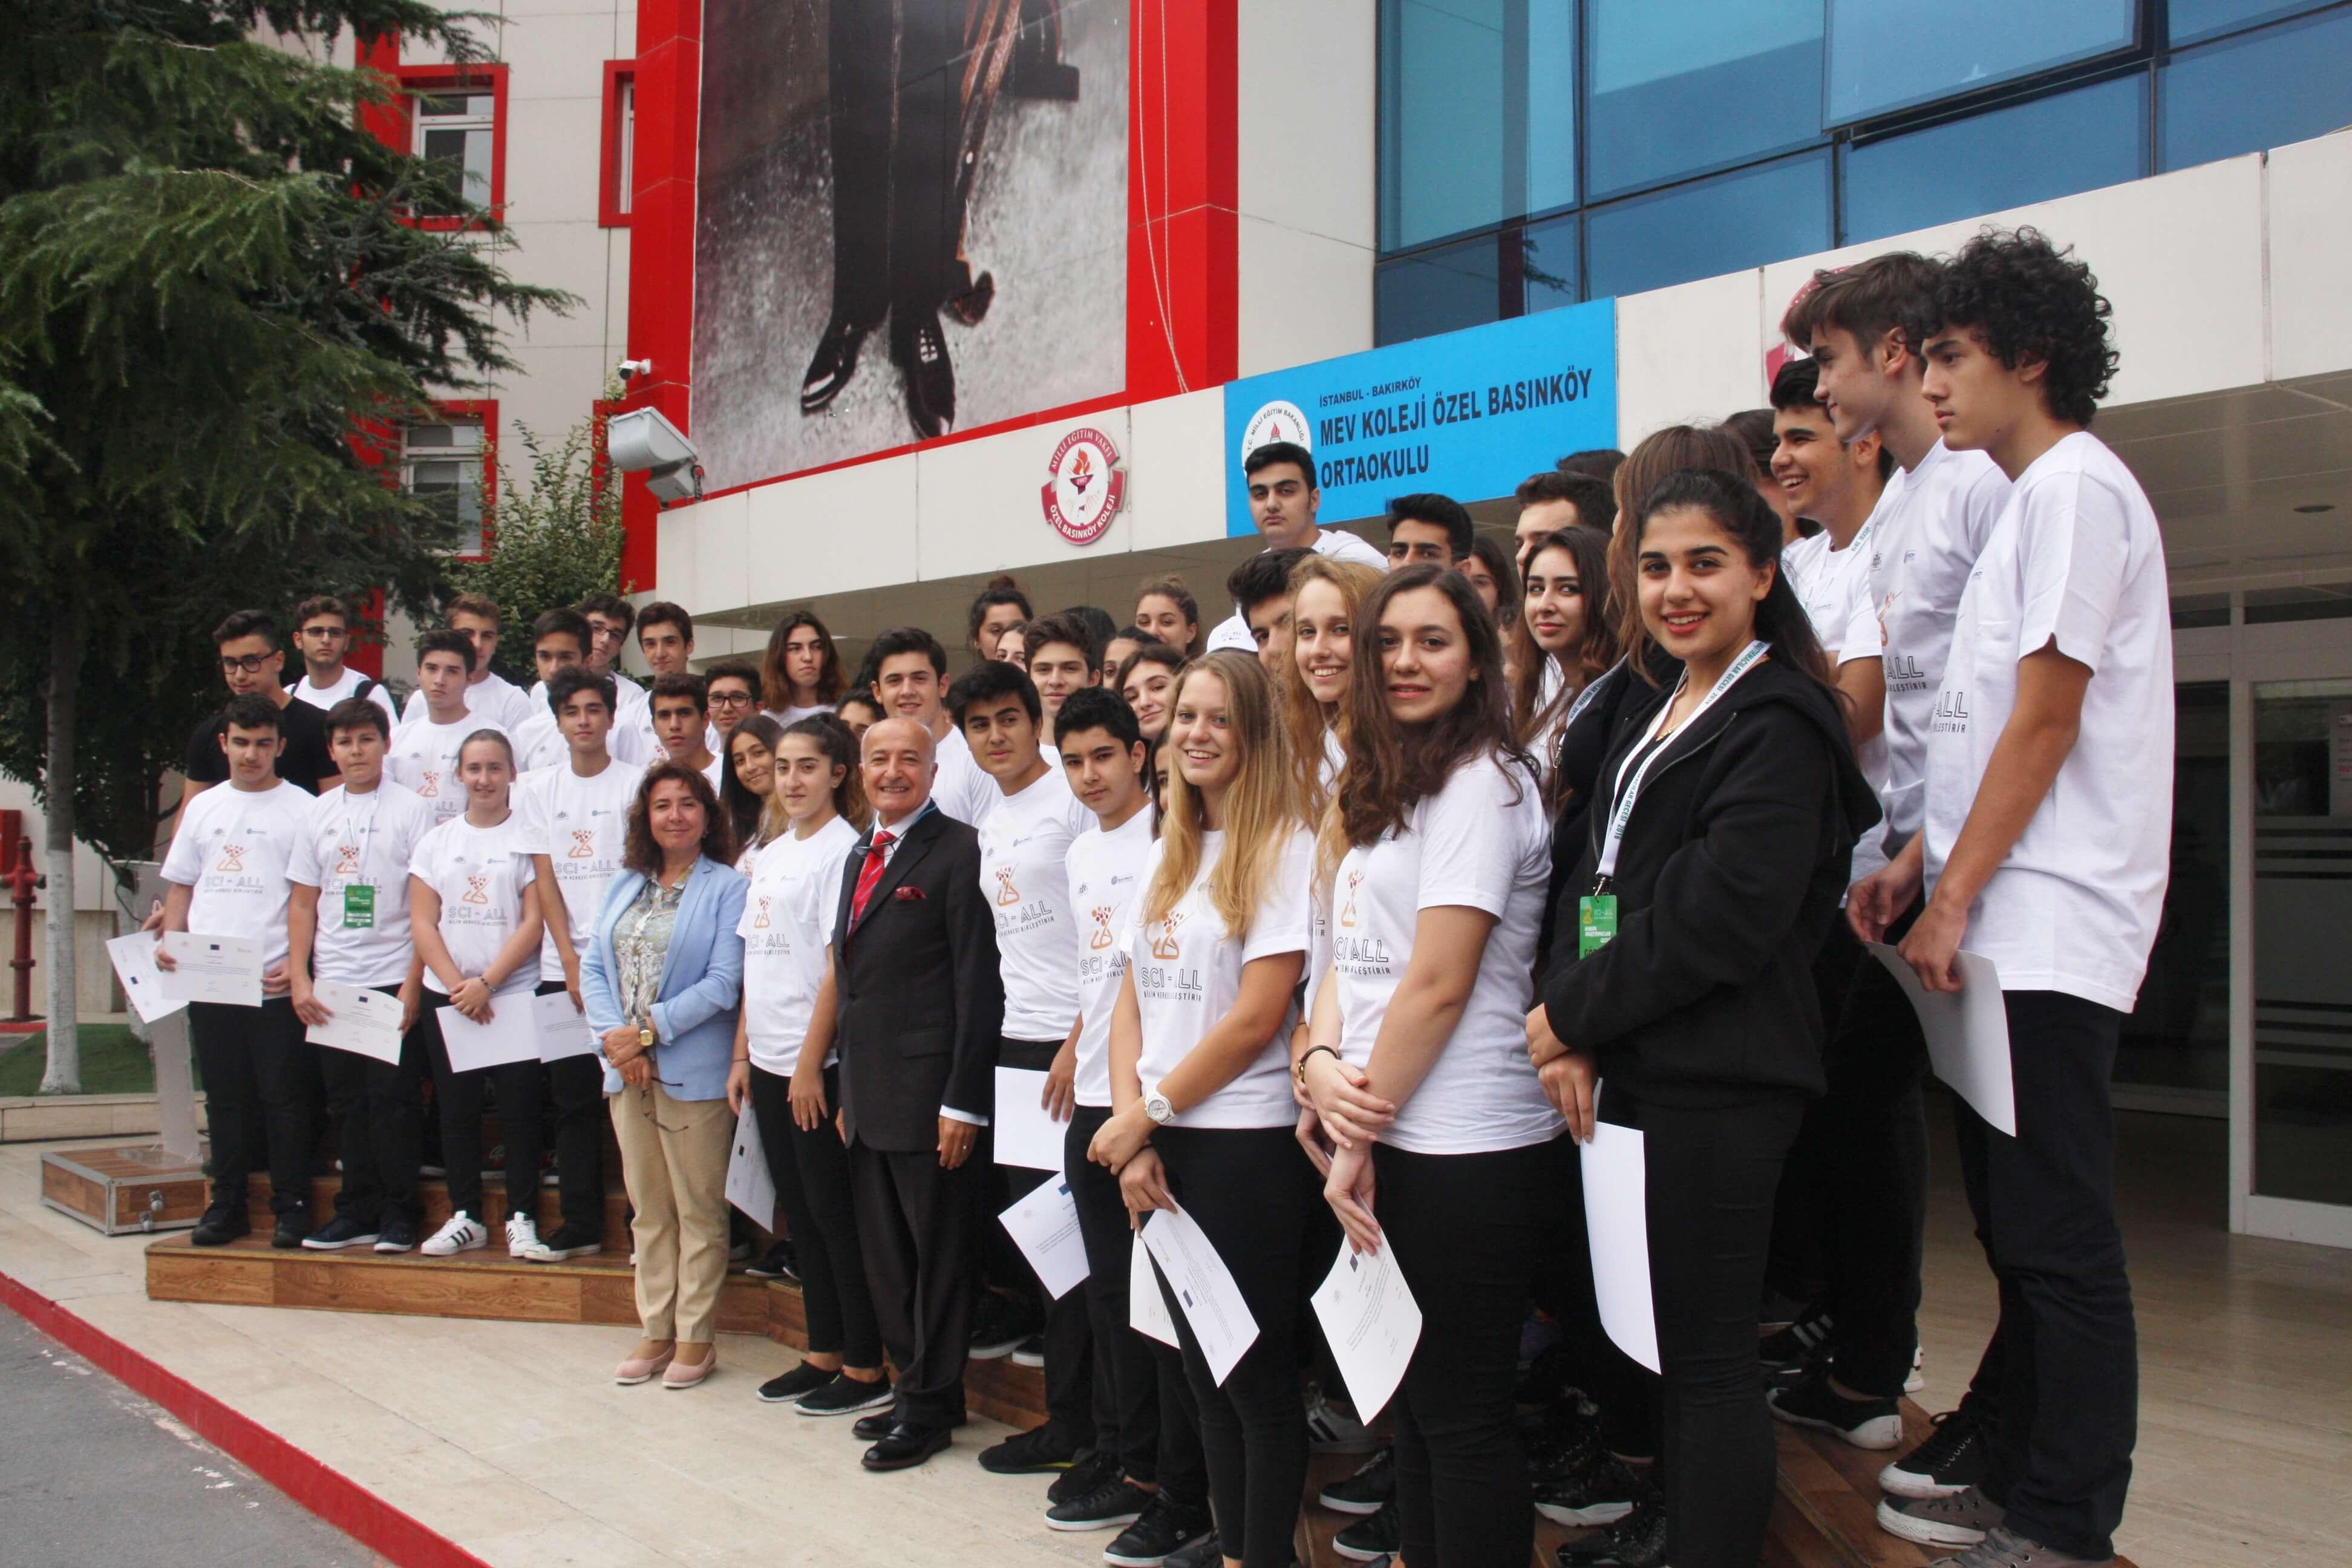 6 Ekim İstanbul'un Kurtuluşunun 93. Yıldönümünü Kutladık